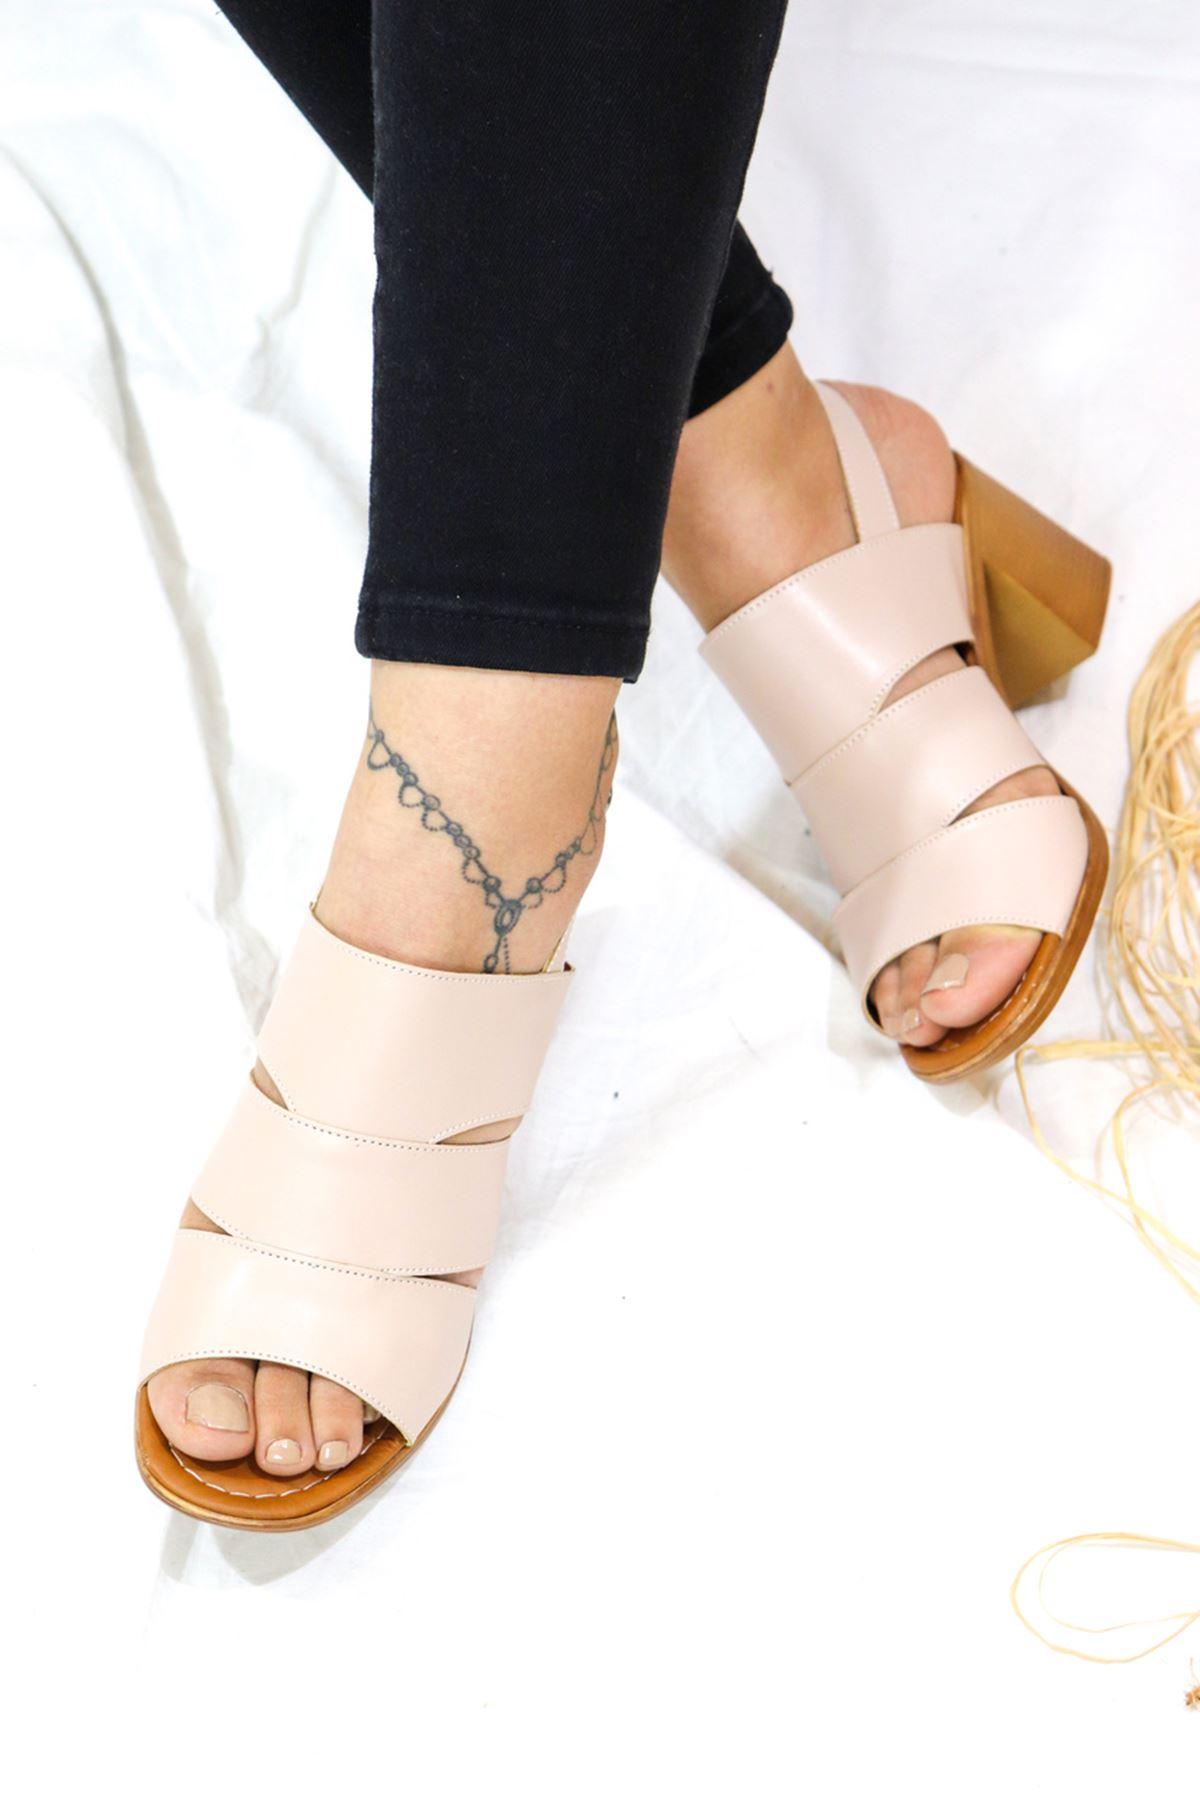 Feles - Kafes Tasarım Kadın Topuklu Ayakkabı krem